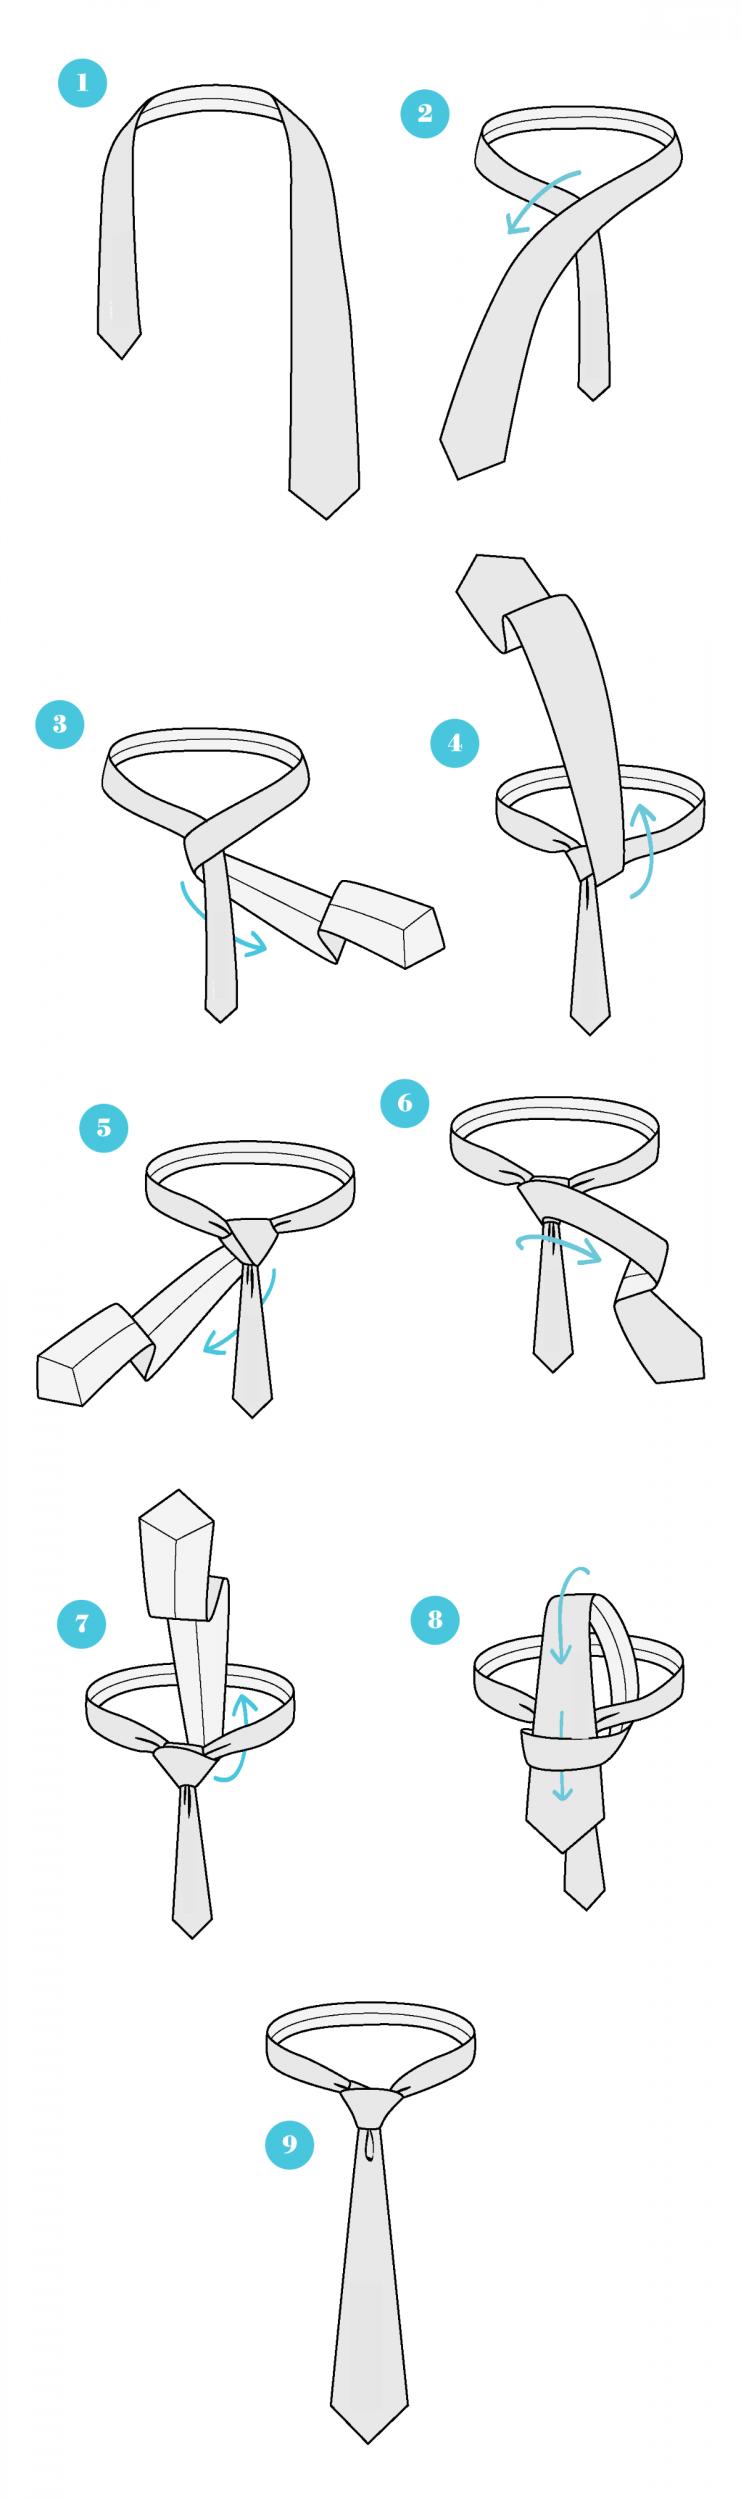 Wie Binde Ich Eine Krawatte Mit Half Windsor Knoten Krawatten Knoten Krawattenknoten